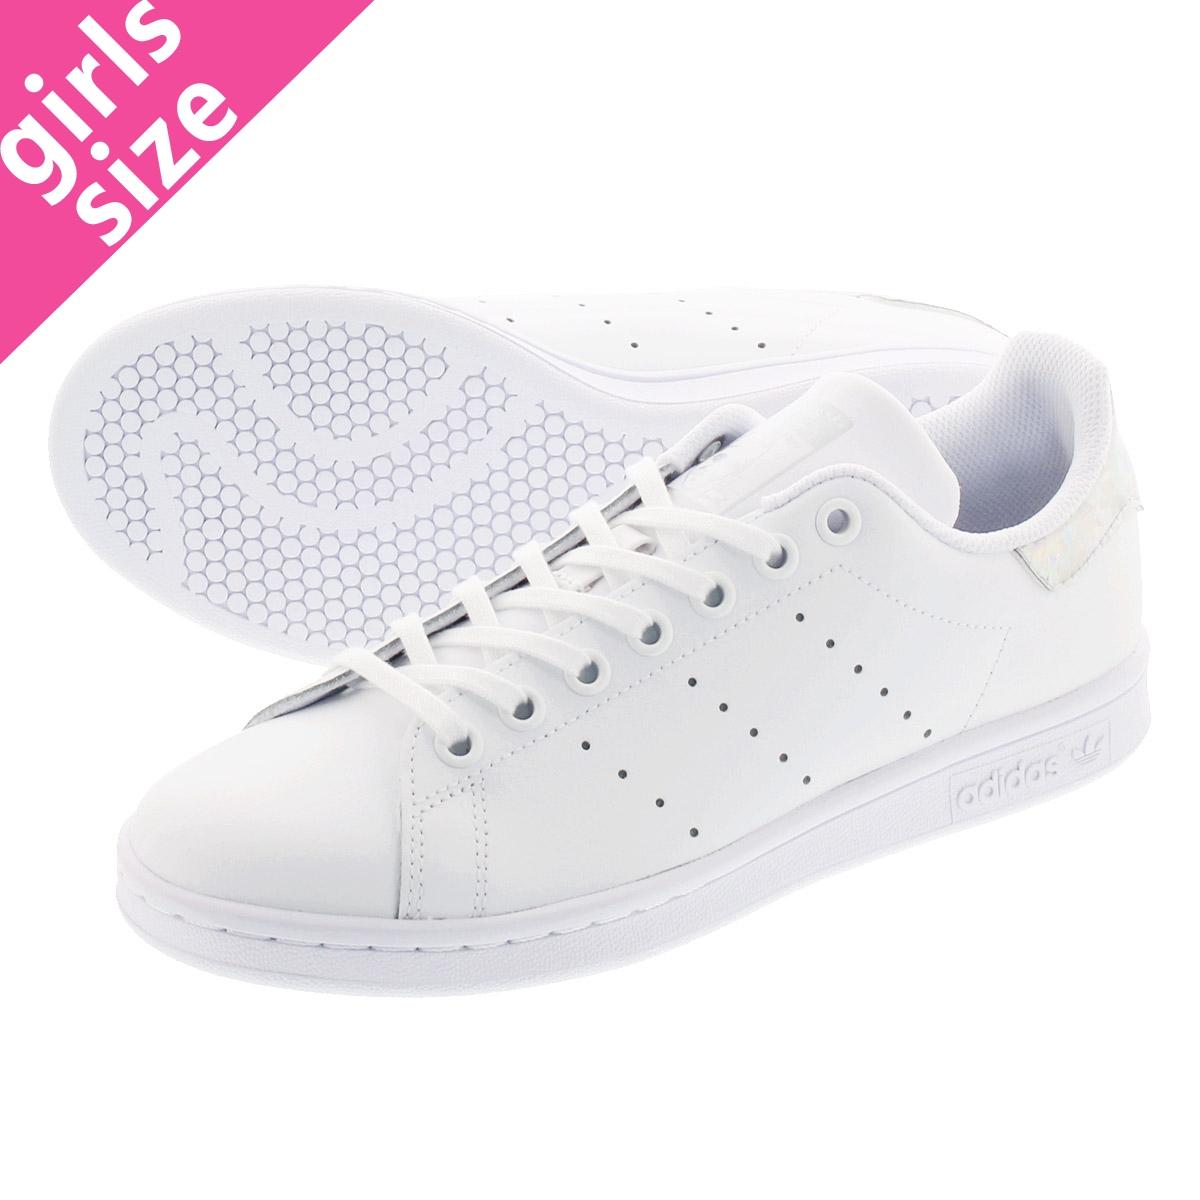 new arrival 66c0d e8787 adidas STAN SMITH J Adidas Stan Smith J WHITE/WHITE/BLACK ee8483